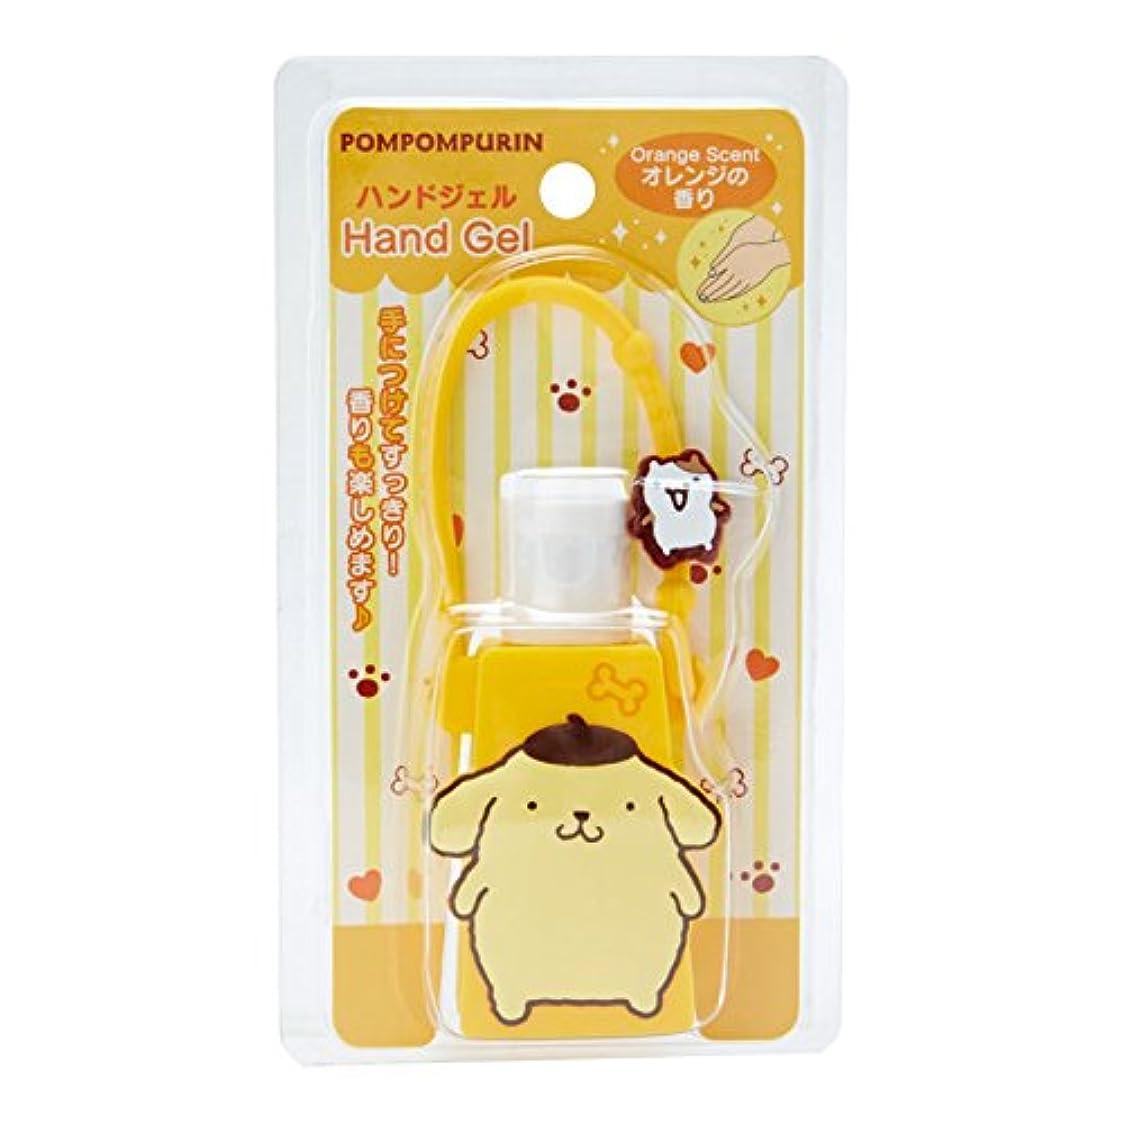 ハンサム楽なフォアマンポムポムプリン 携帯ハンドジェル(オレンジの香り)